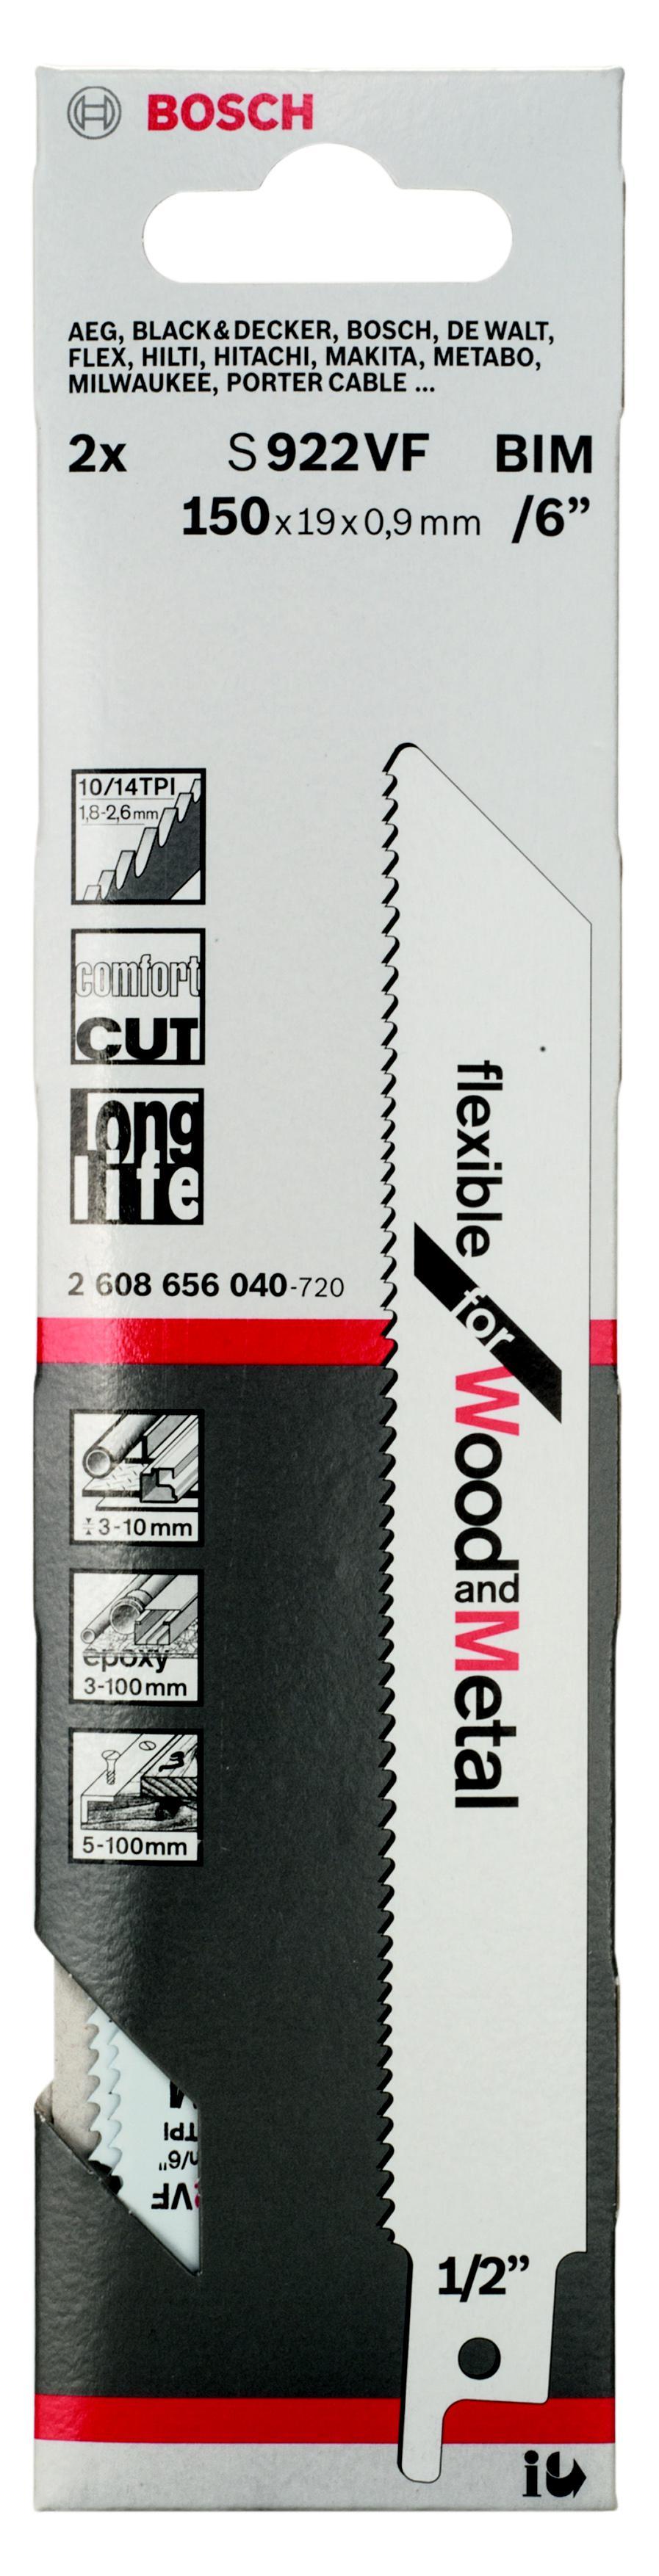 Купить Полотно для сабельной пилы Bosch S 922 vf (2.608.656.040)